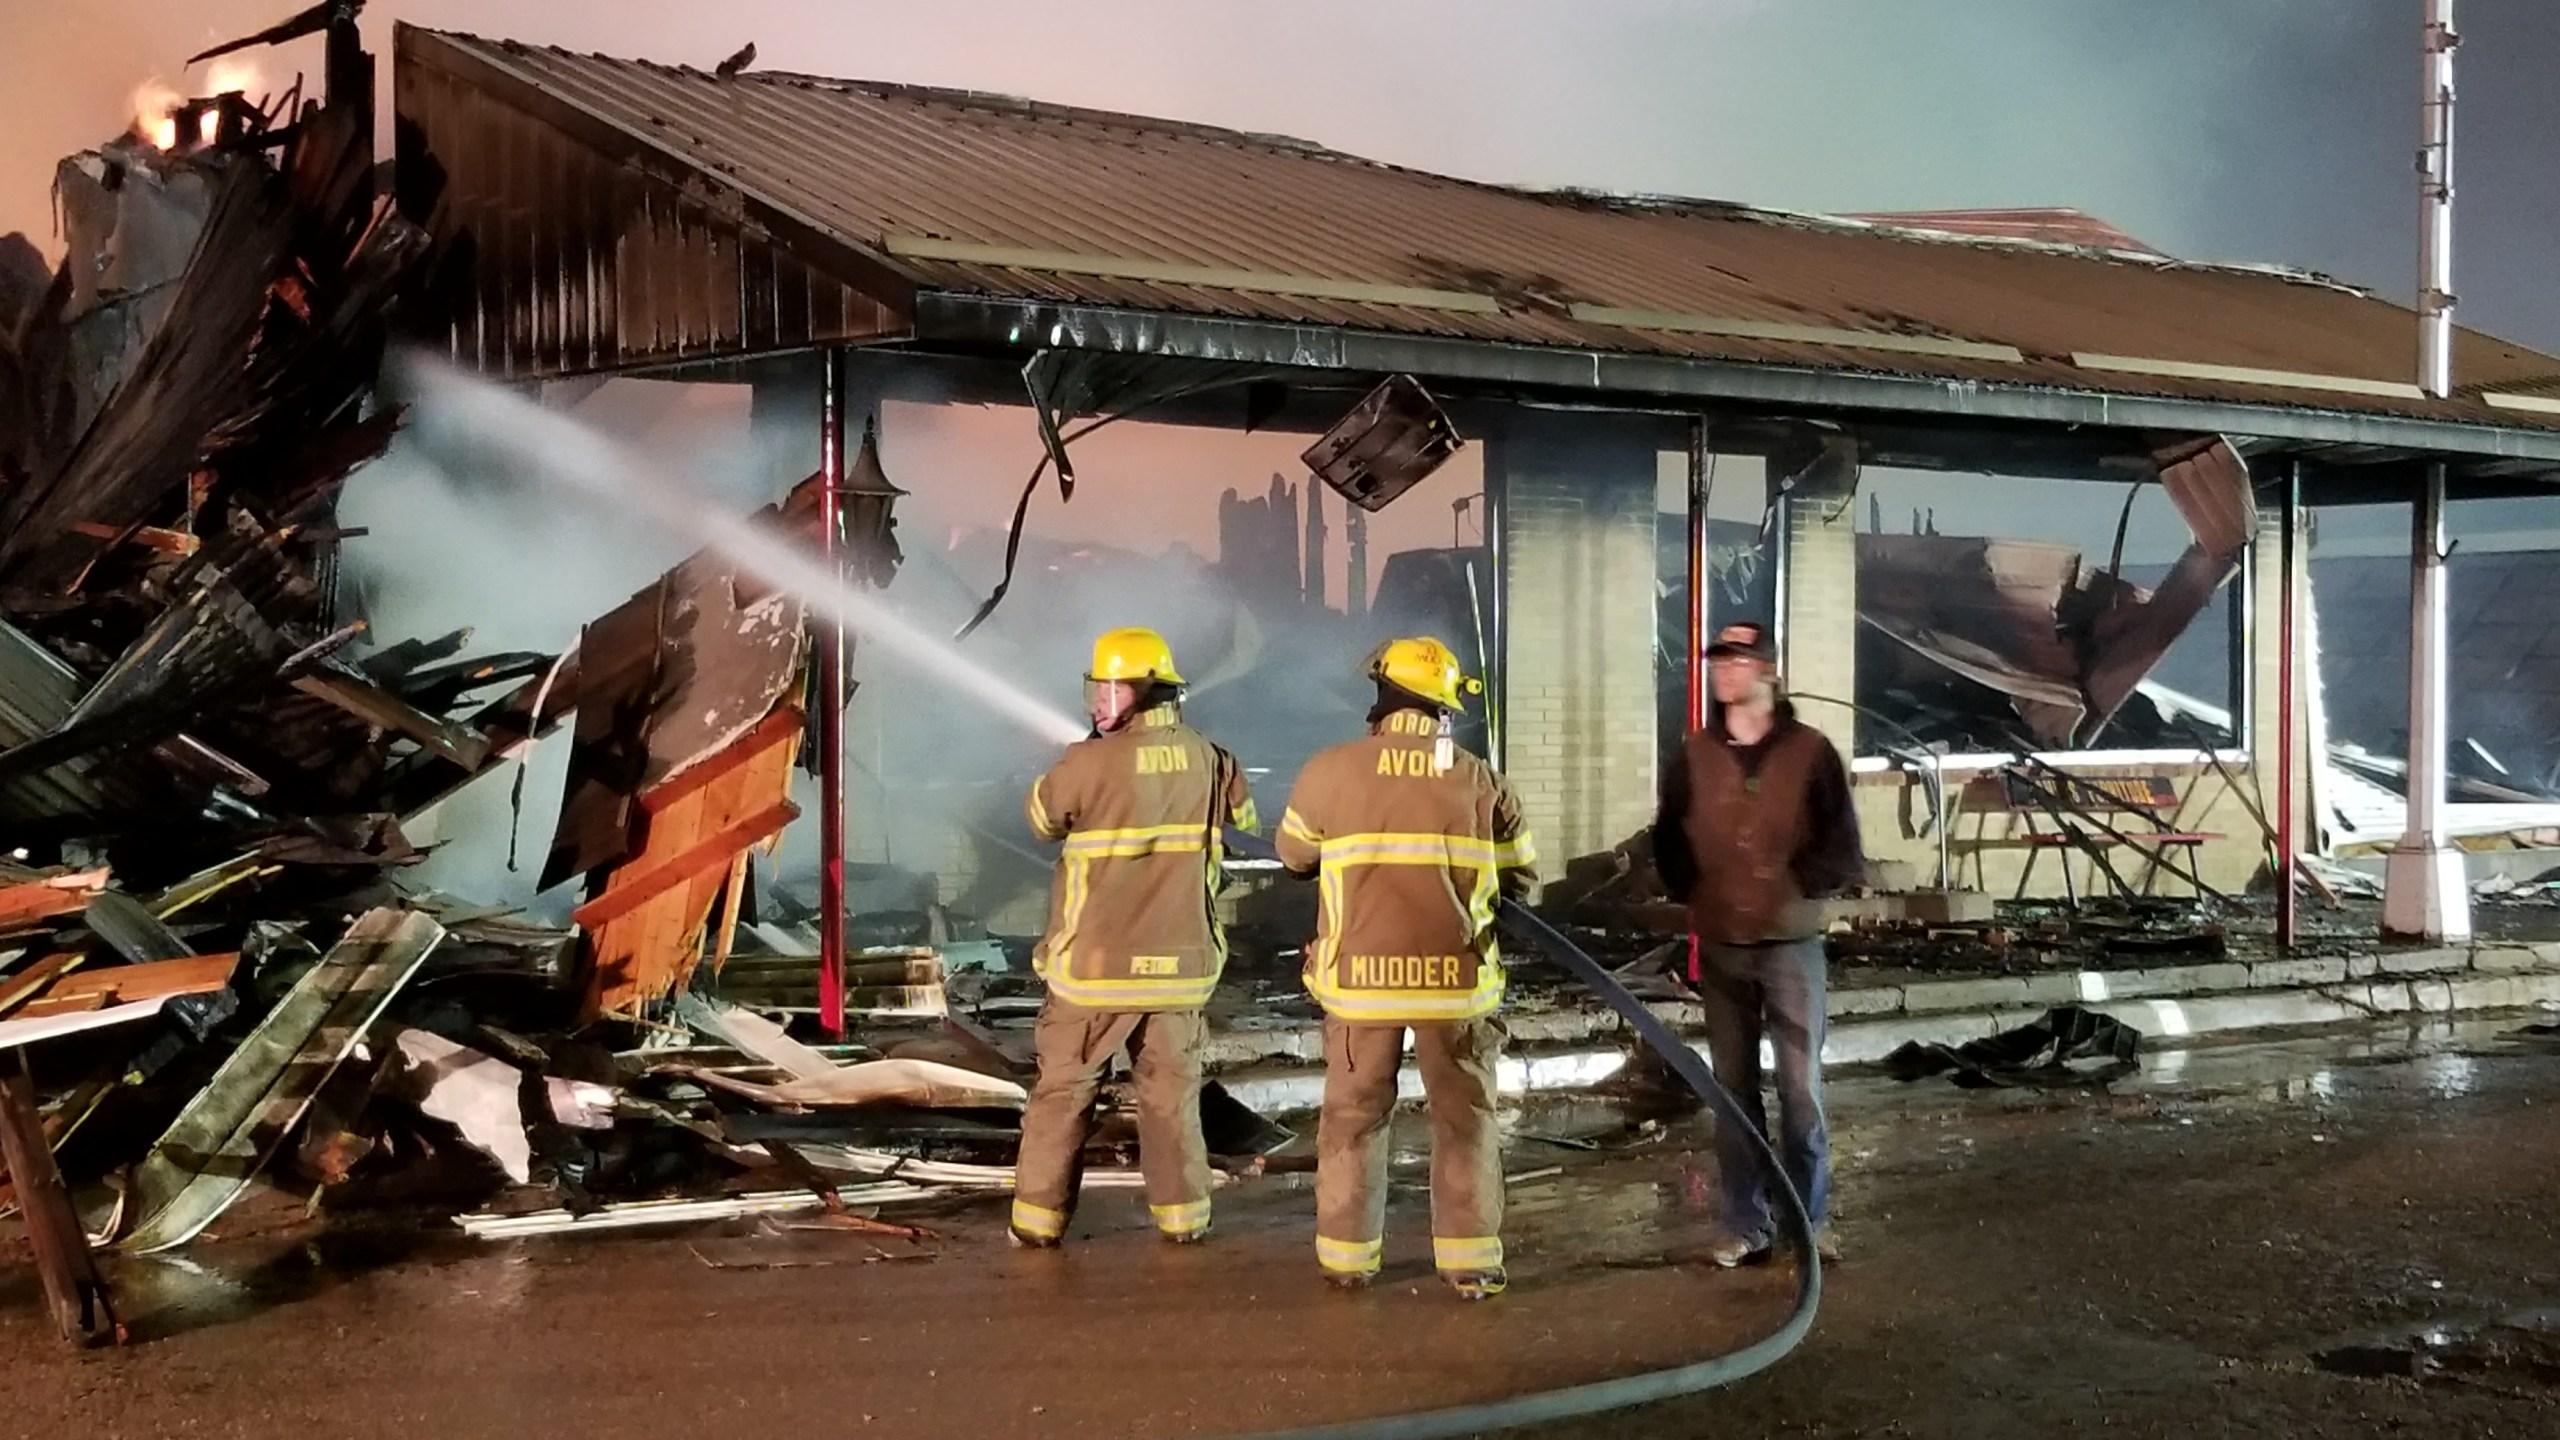 KELO Avon Fire